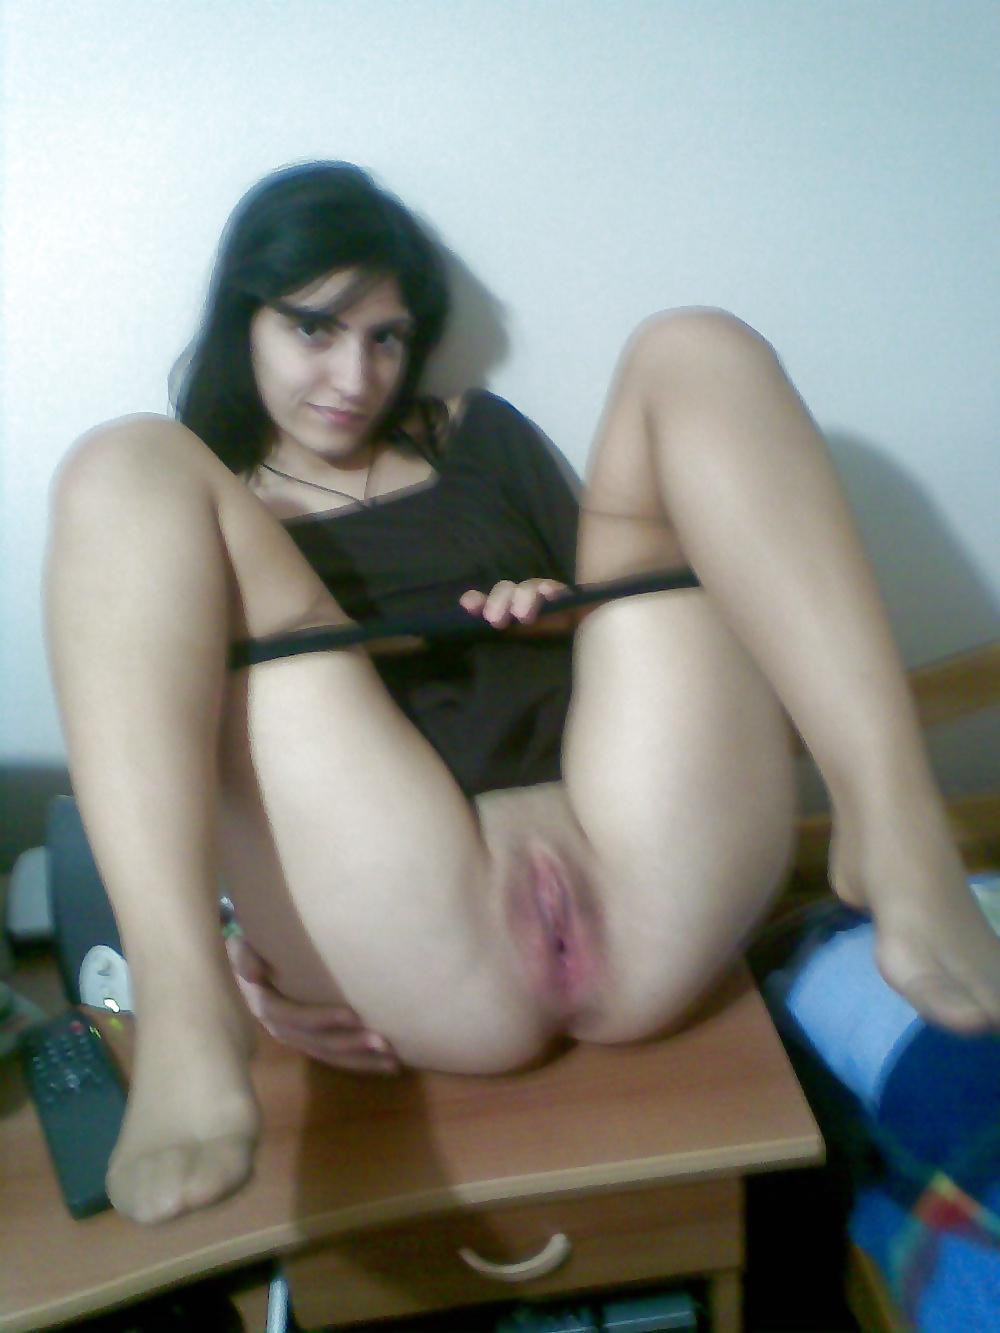 porno en mega nenas 18 putas